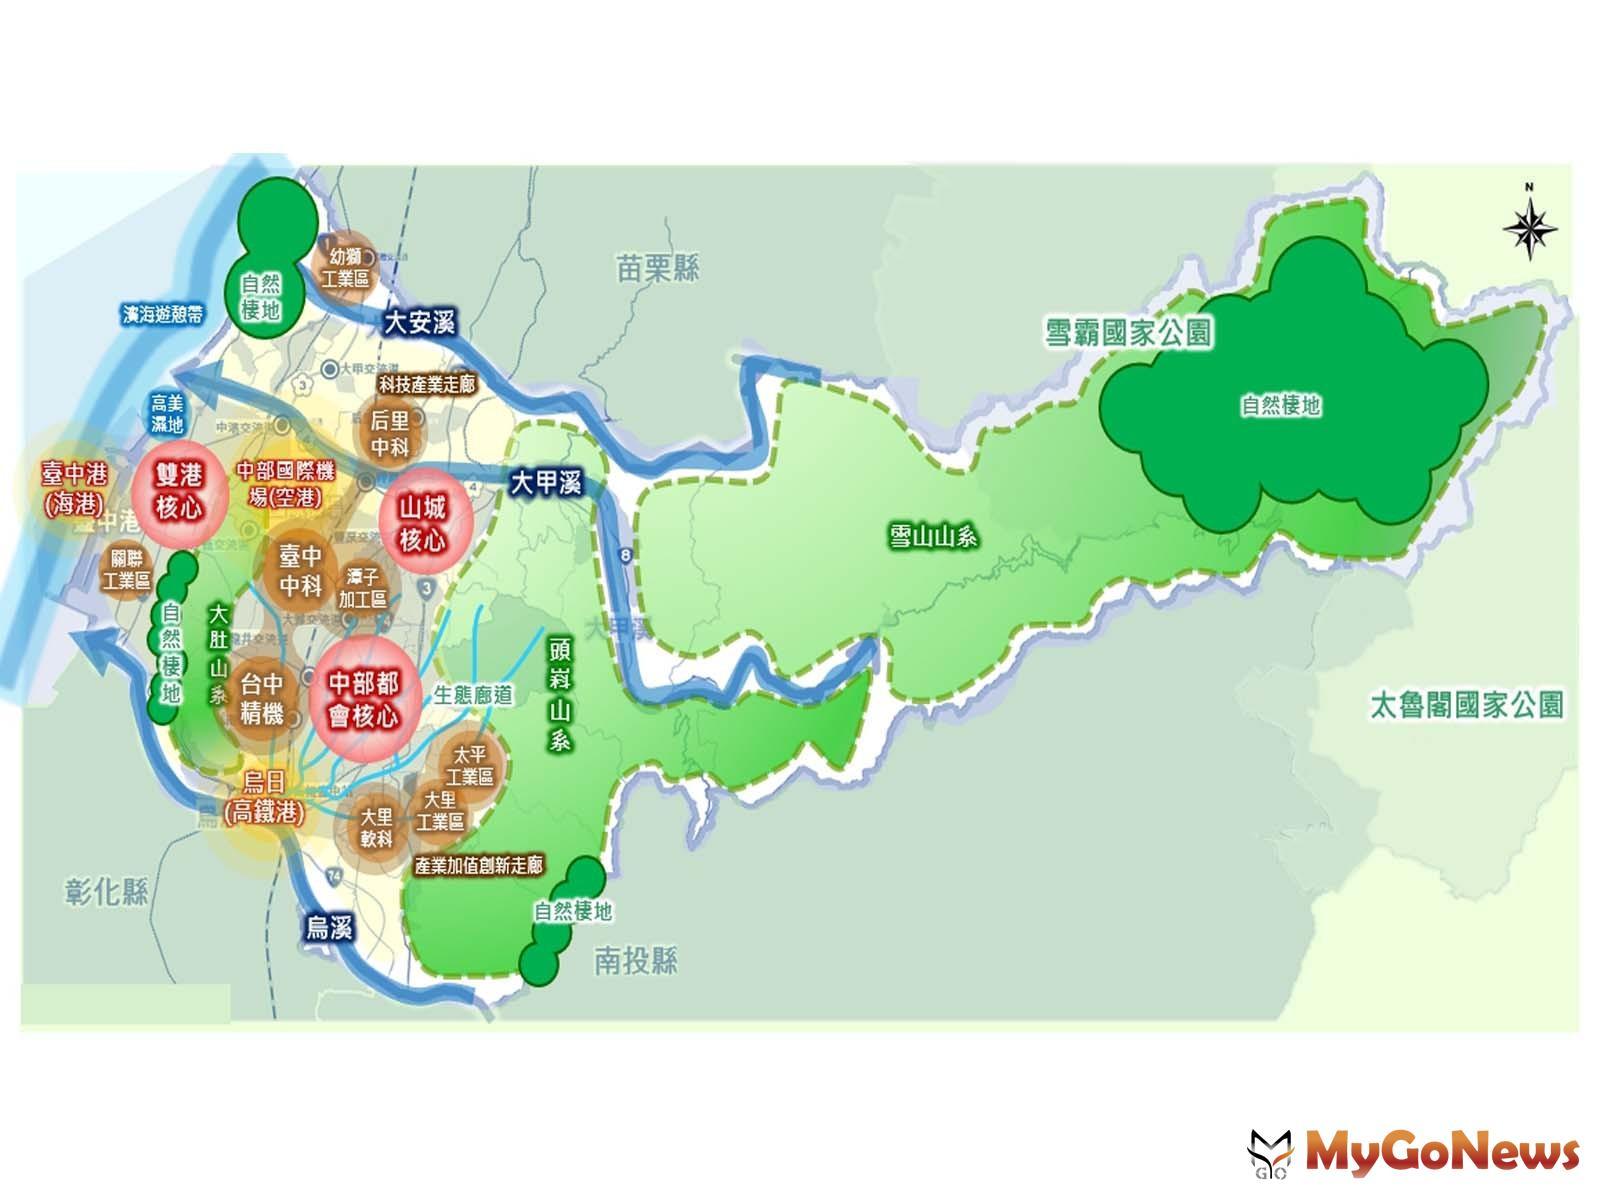 台中市國土計畫審議通過,2021年4月30日前實施(圖:台中市政府) MyGoNews房地產新聞 區域情報